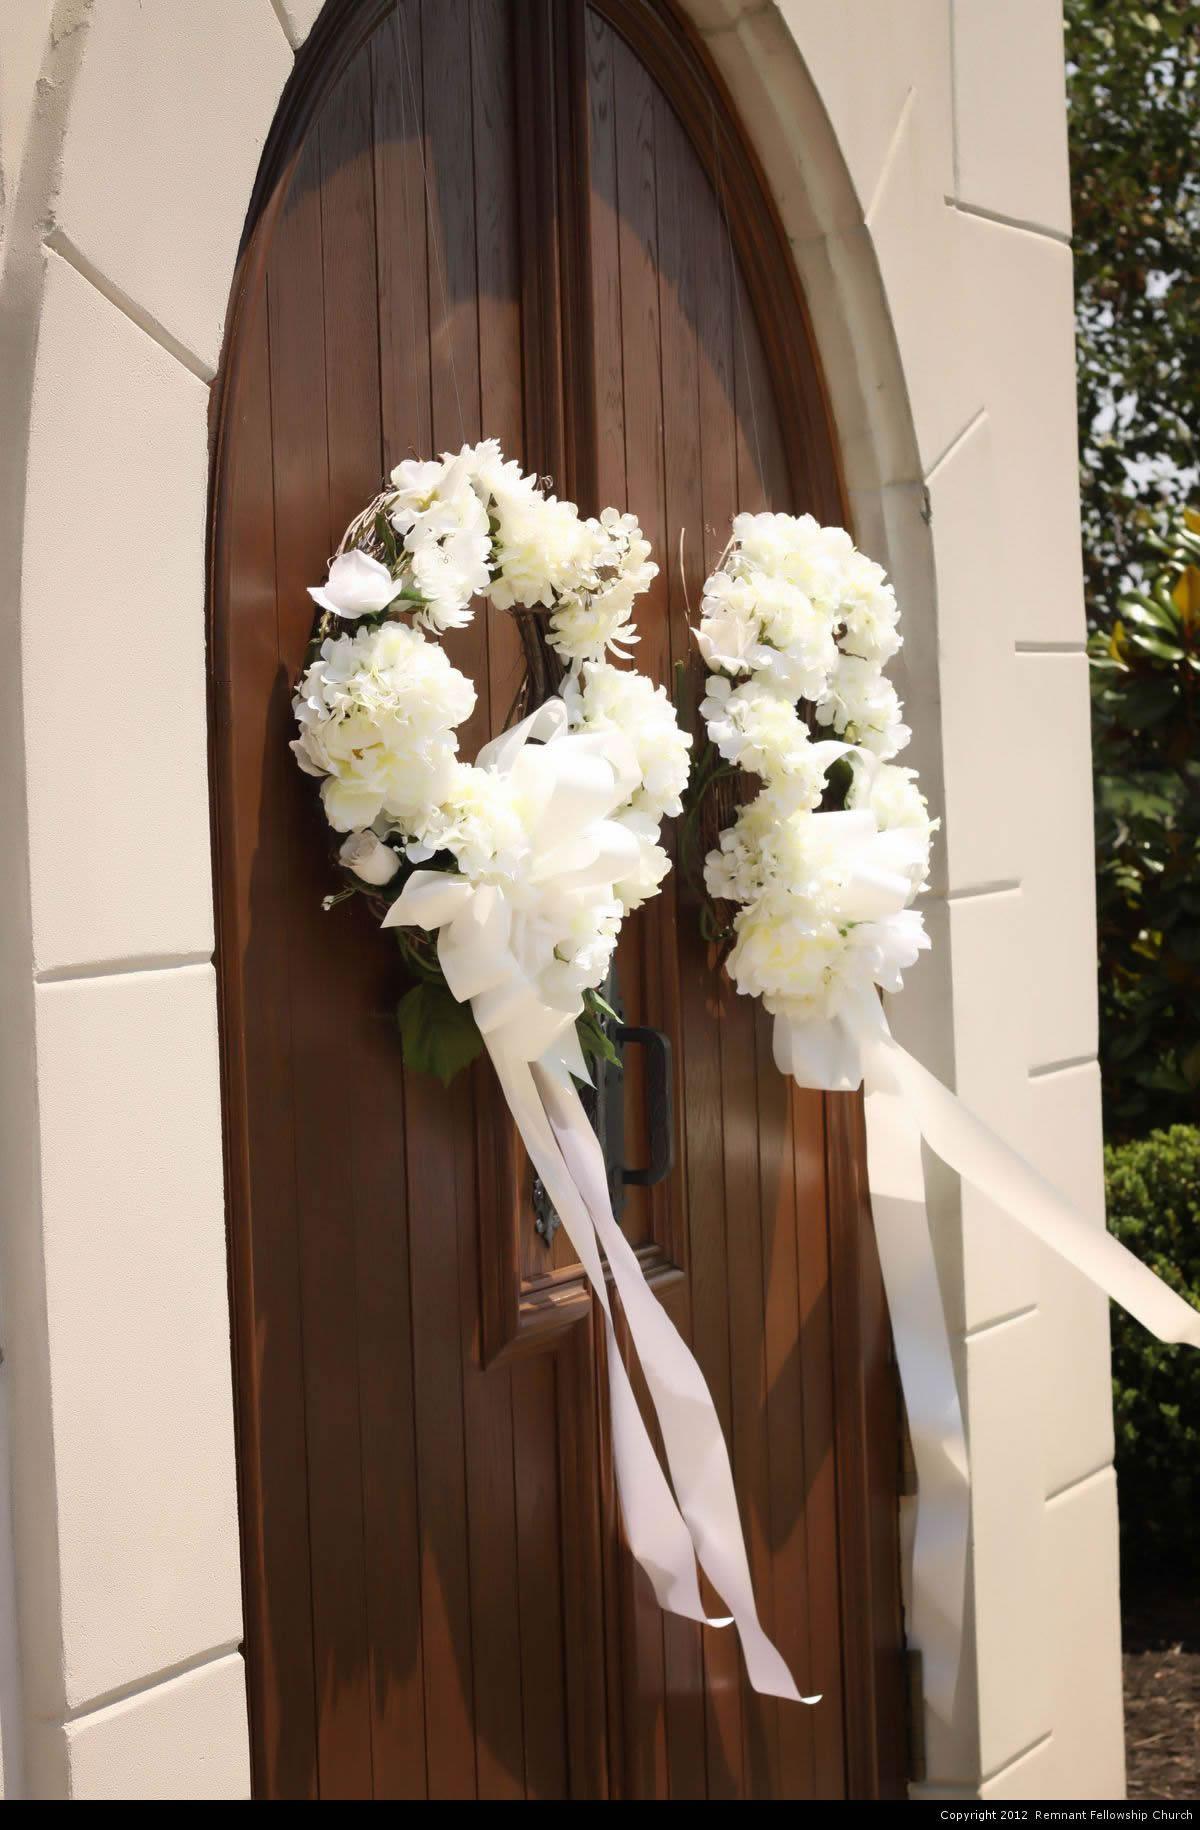 Summer Collection Iii Remnant Fellowship Weddings